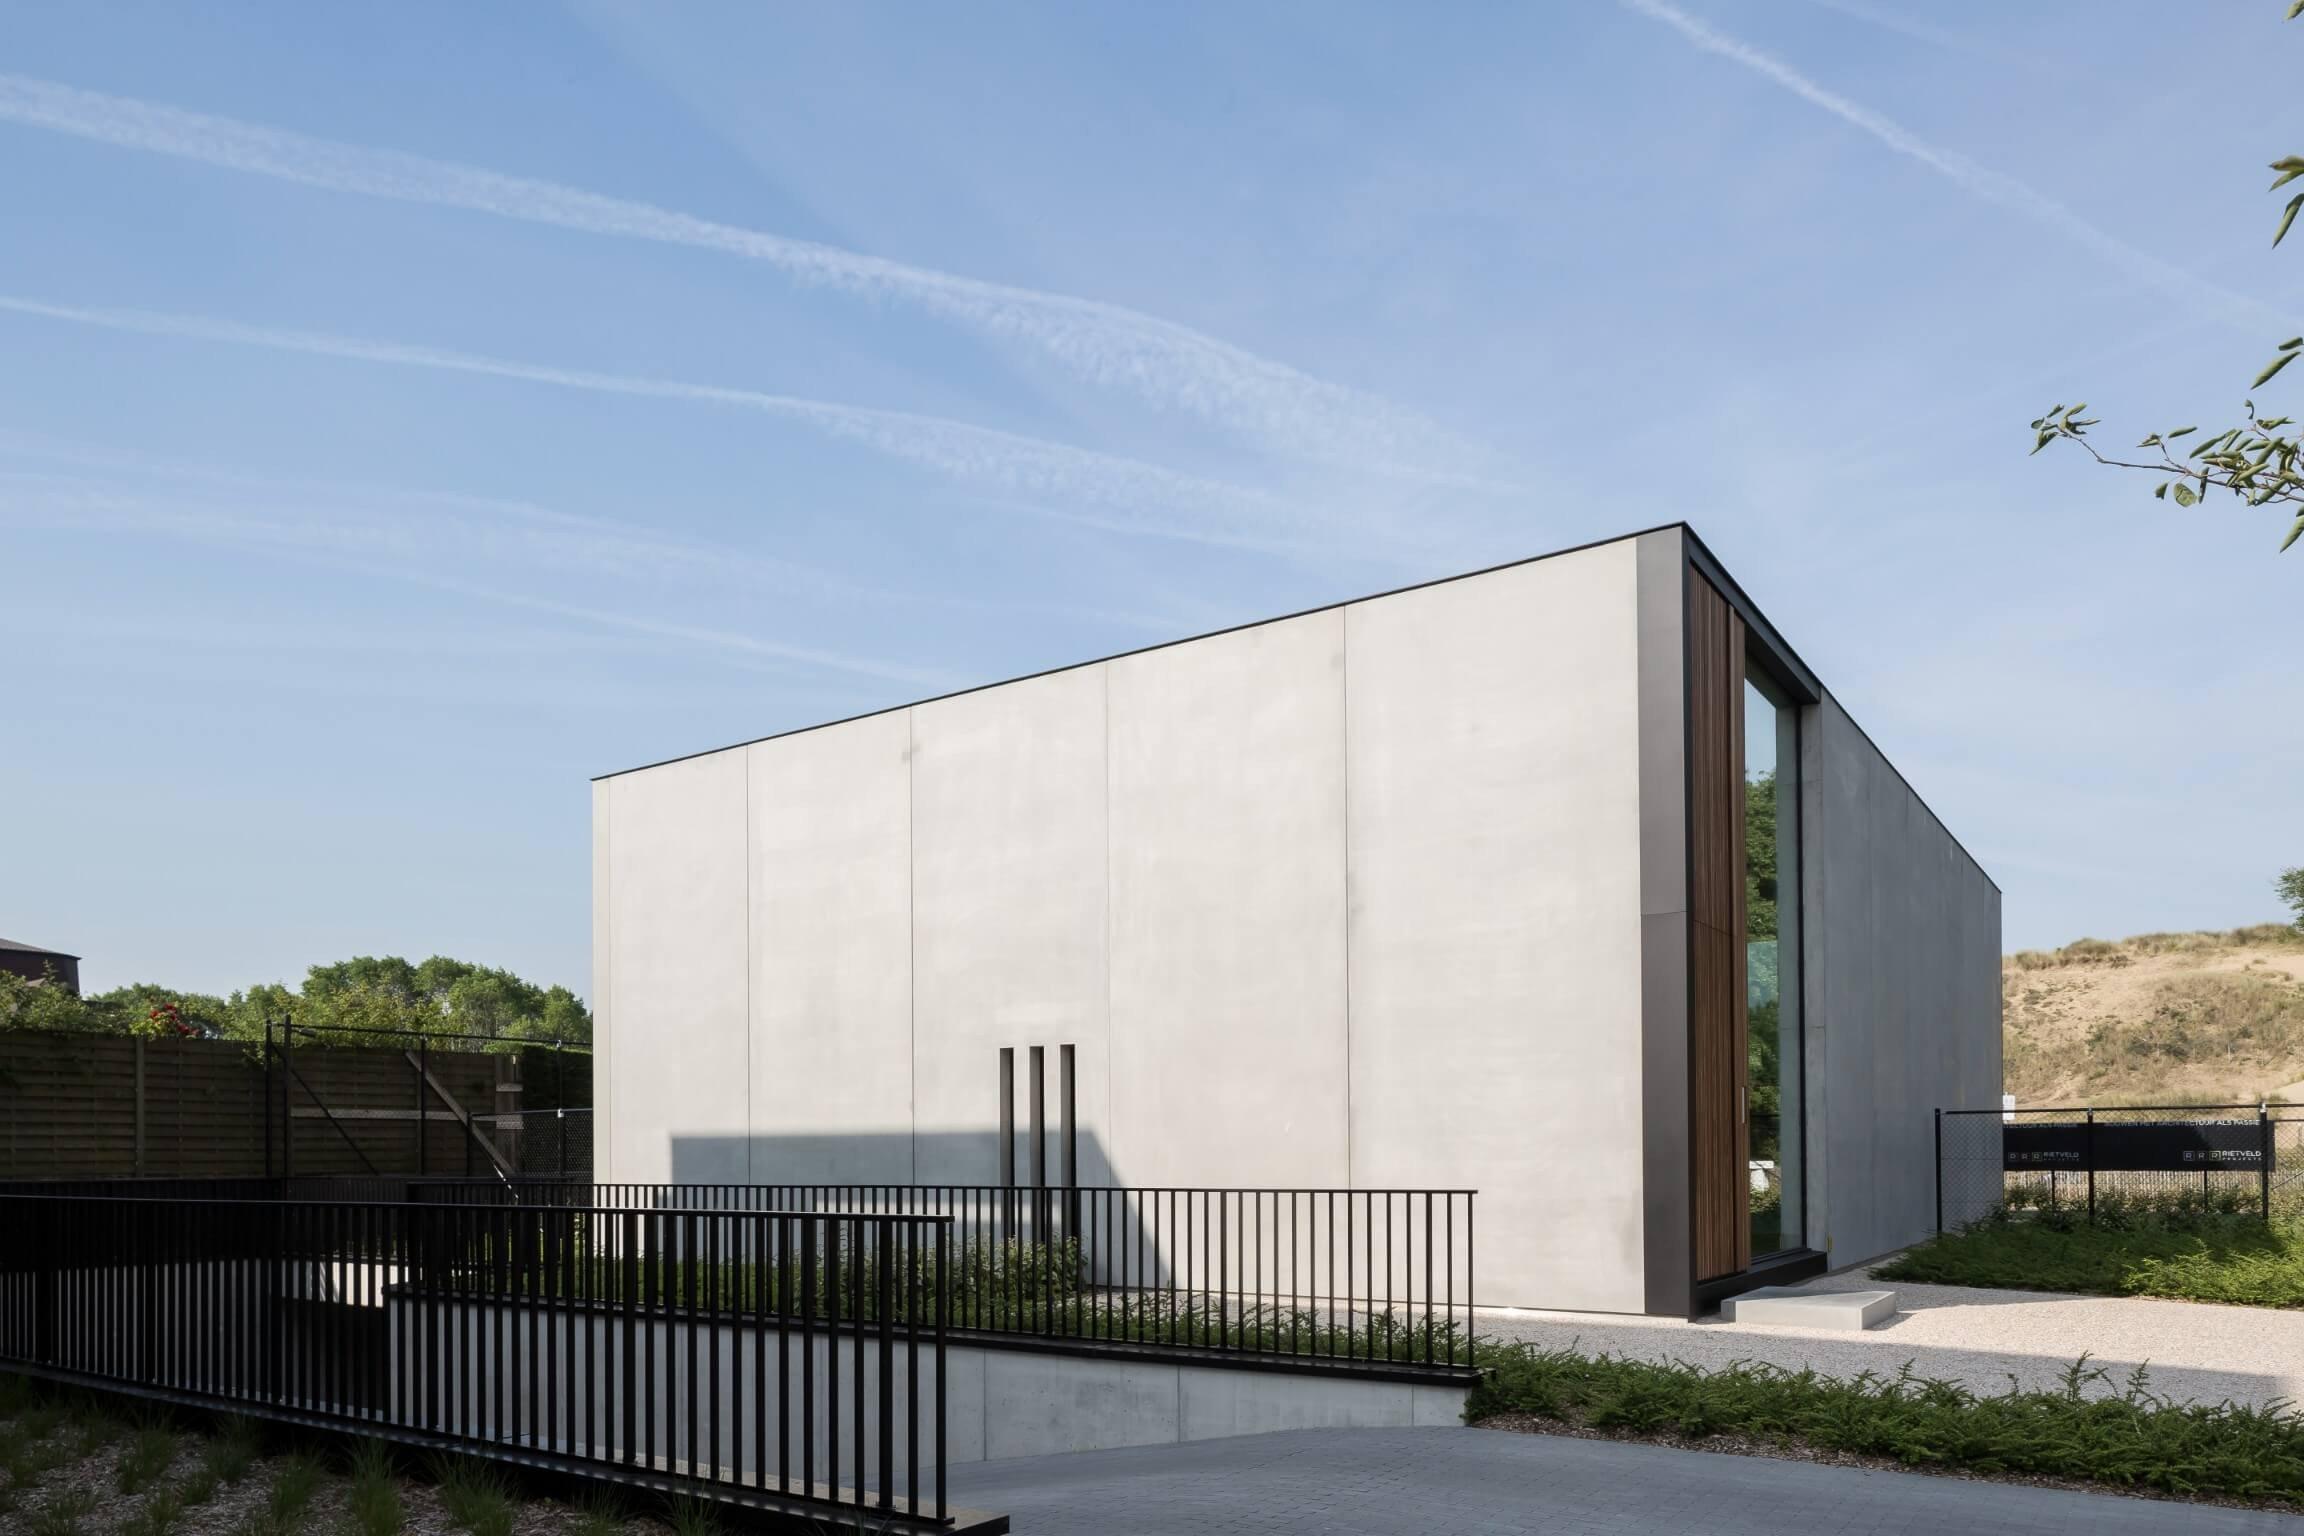 Rietveldprojects.be-HouseMC-villa-design-architectuur-kust5.jpg